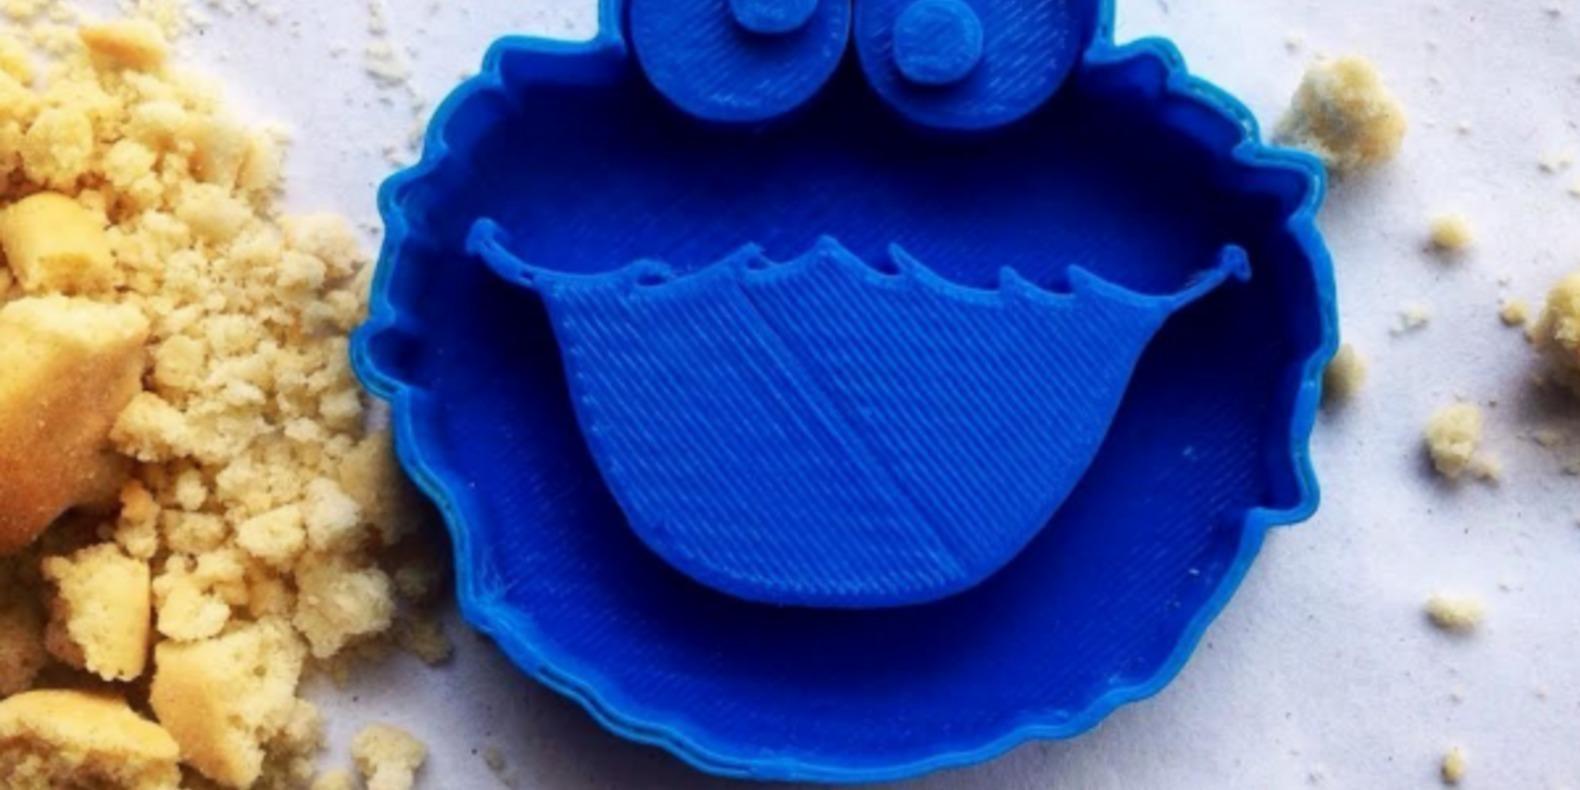 Des emporte-pièces Cookie Monster imprimés en 3D